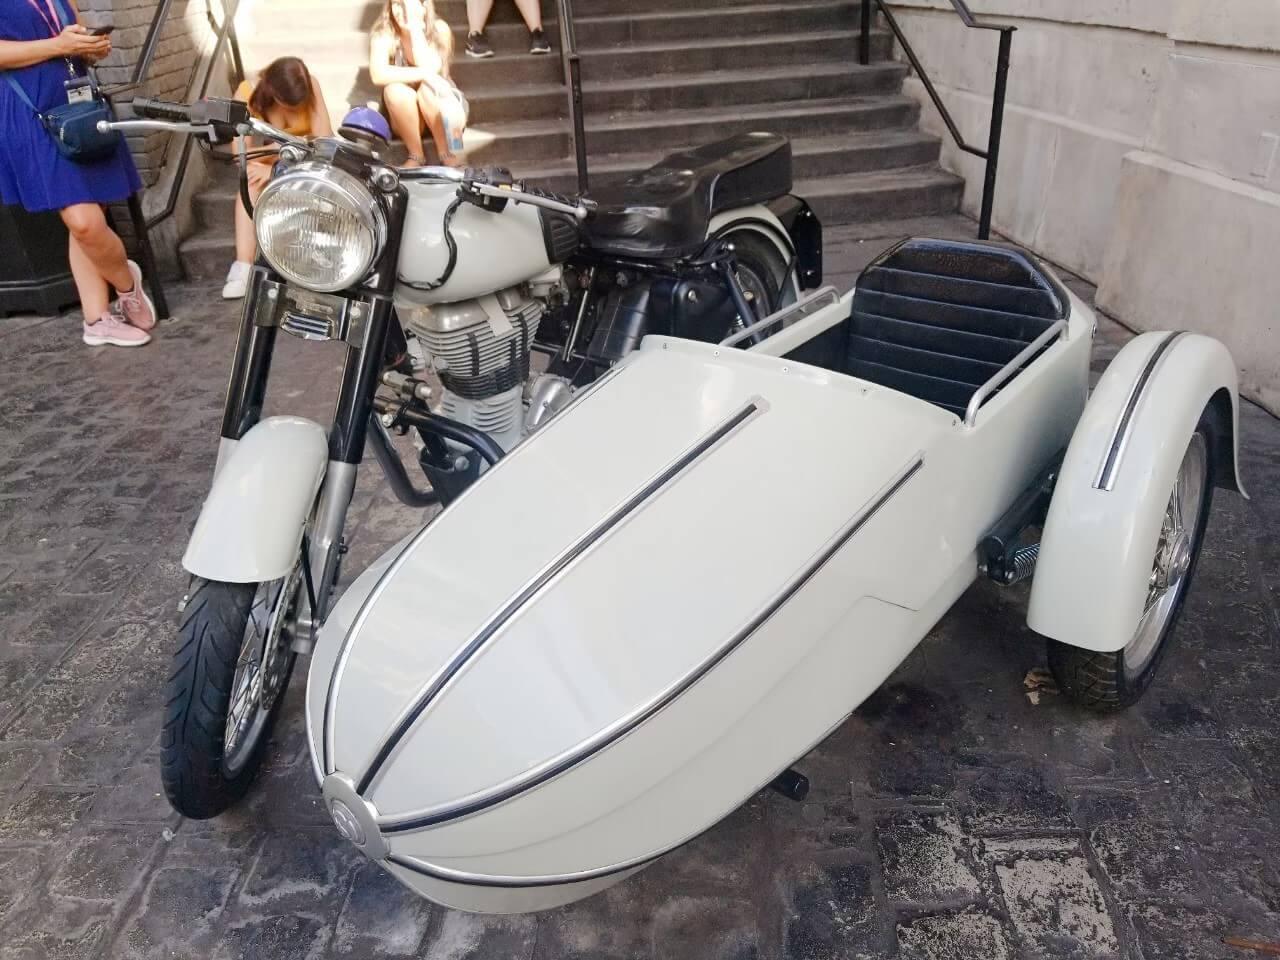 ハグリッドの魔法生物モーターバイクアドベンチャーに乗れなかったので…ハグリッドのバイクを撮影